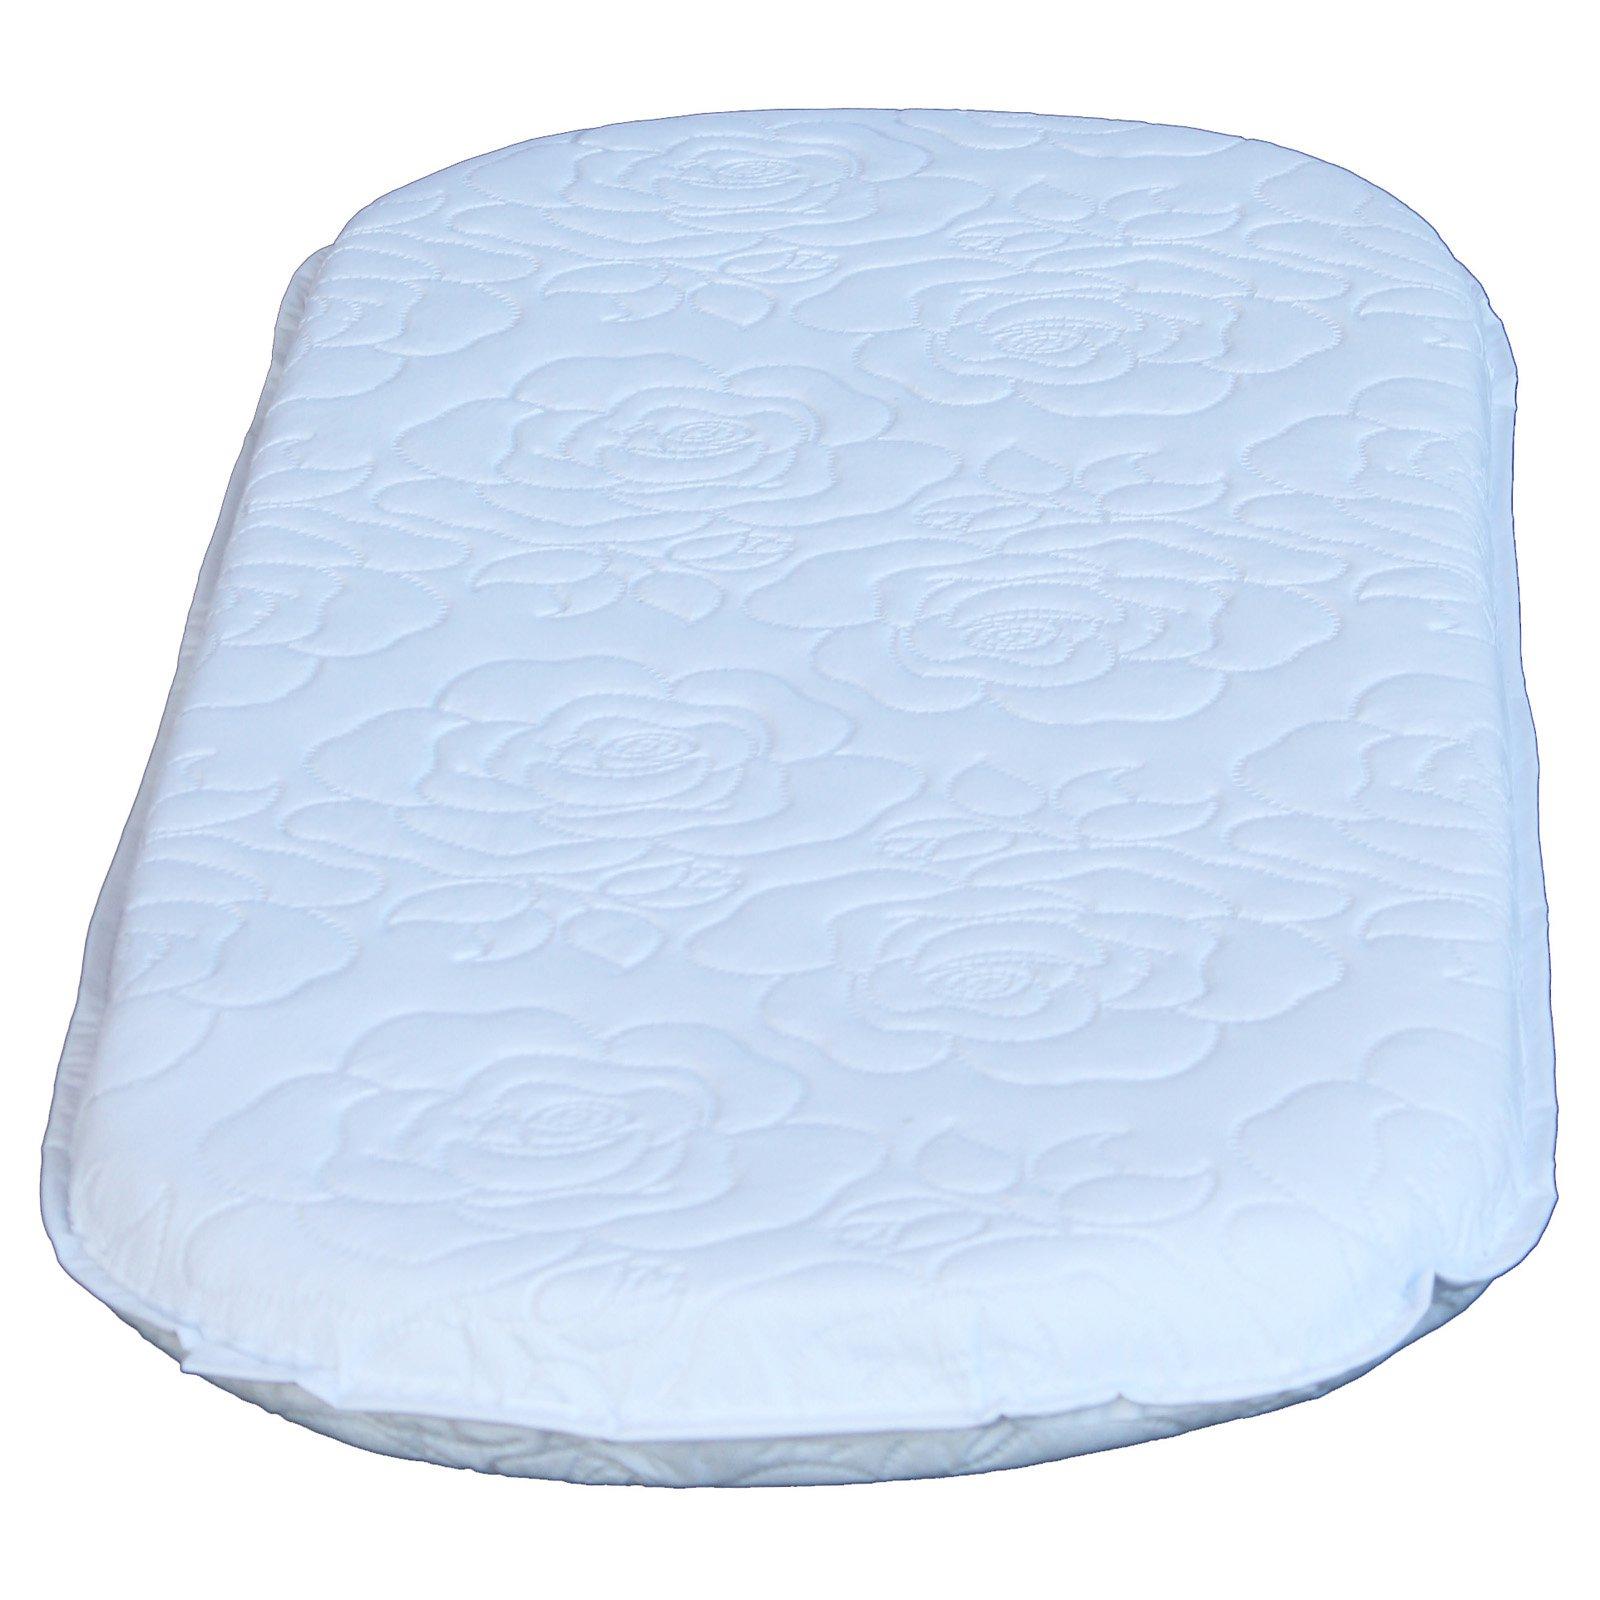 Colgate Bassinet Oval Mattress - White